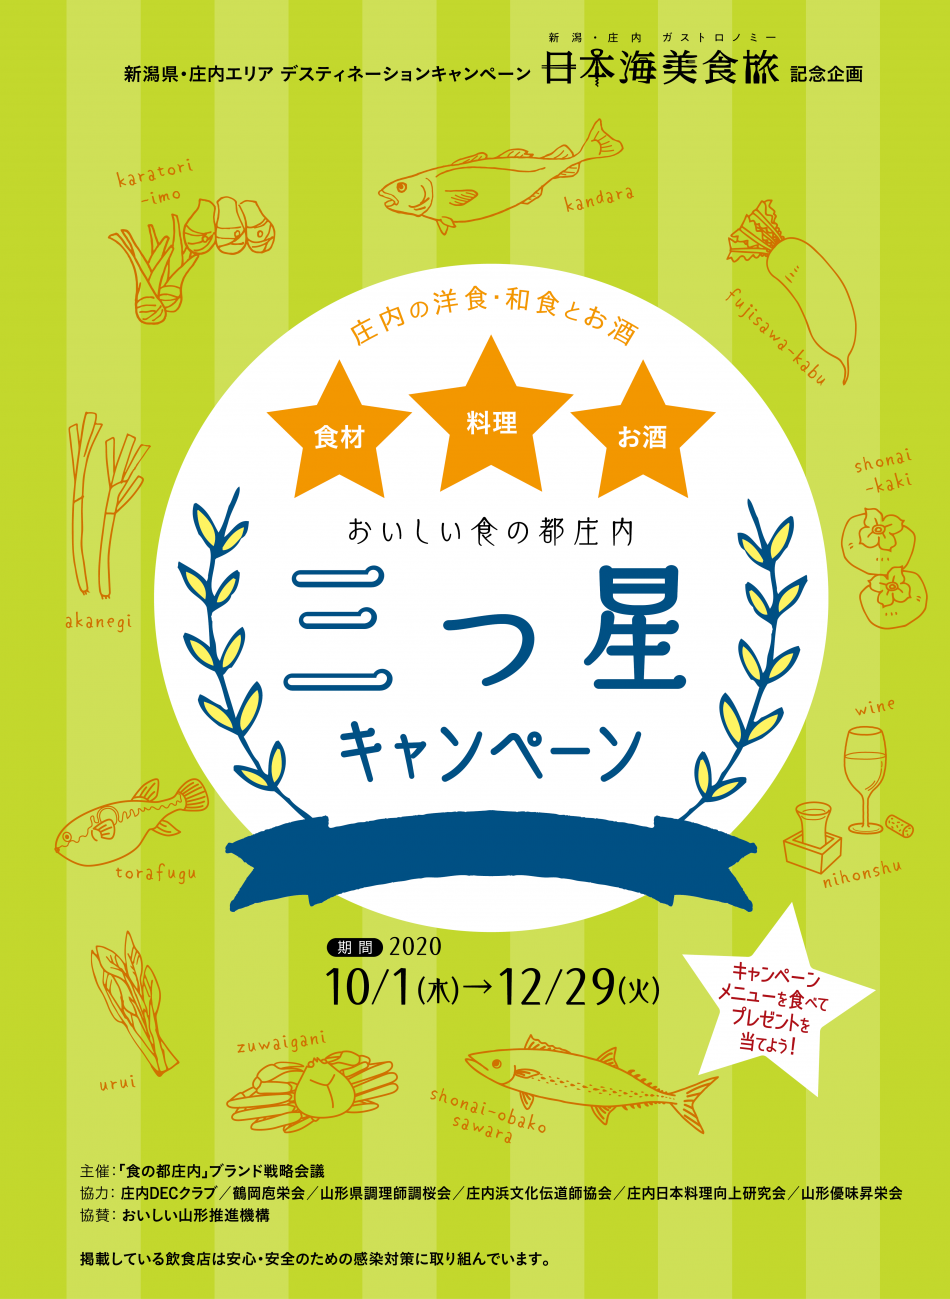 おいしい食の都庄内☆☆☆(三つ星)キャンペーン開催!!